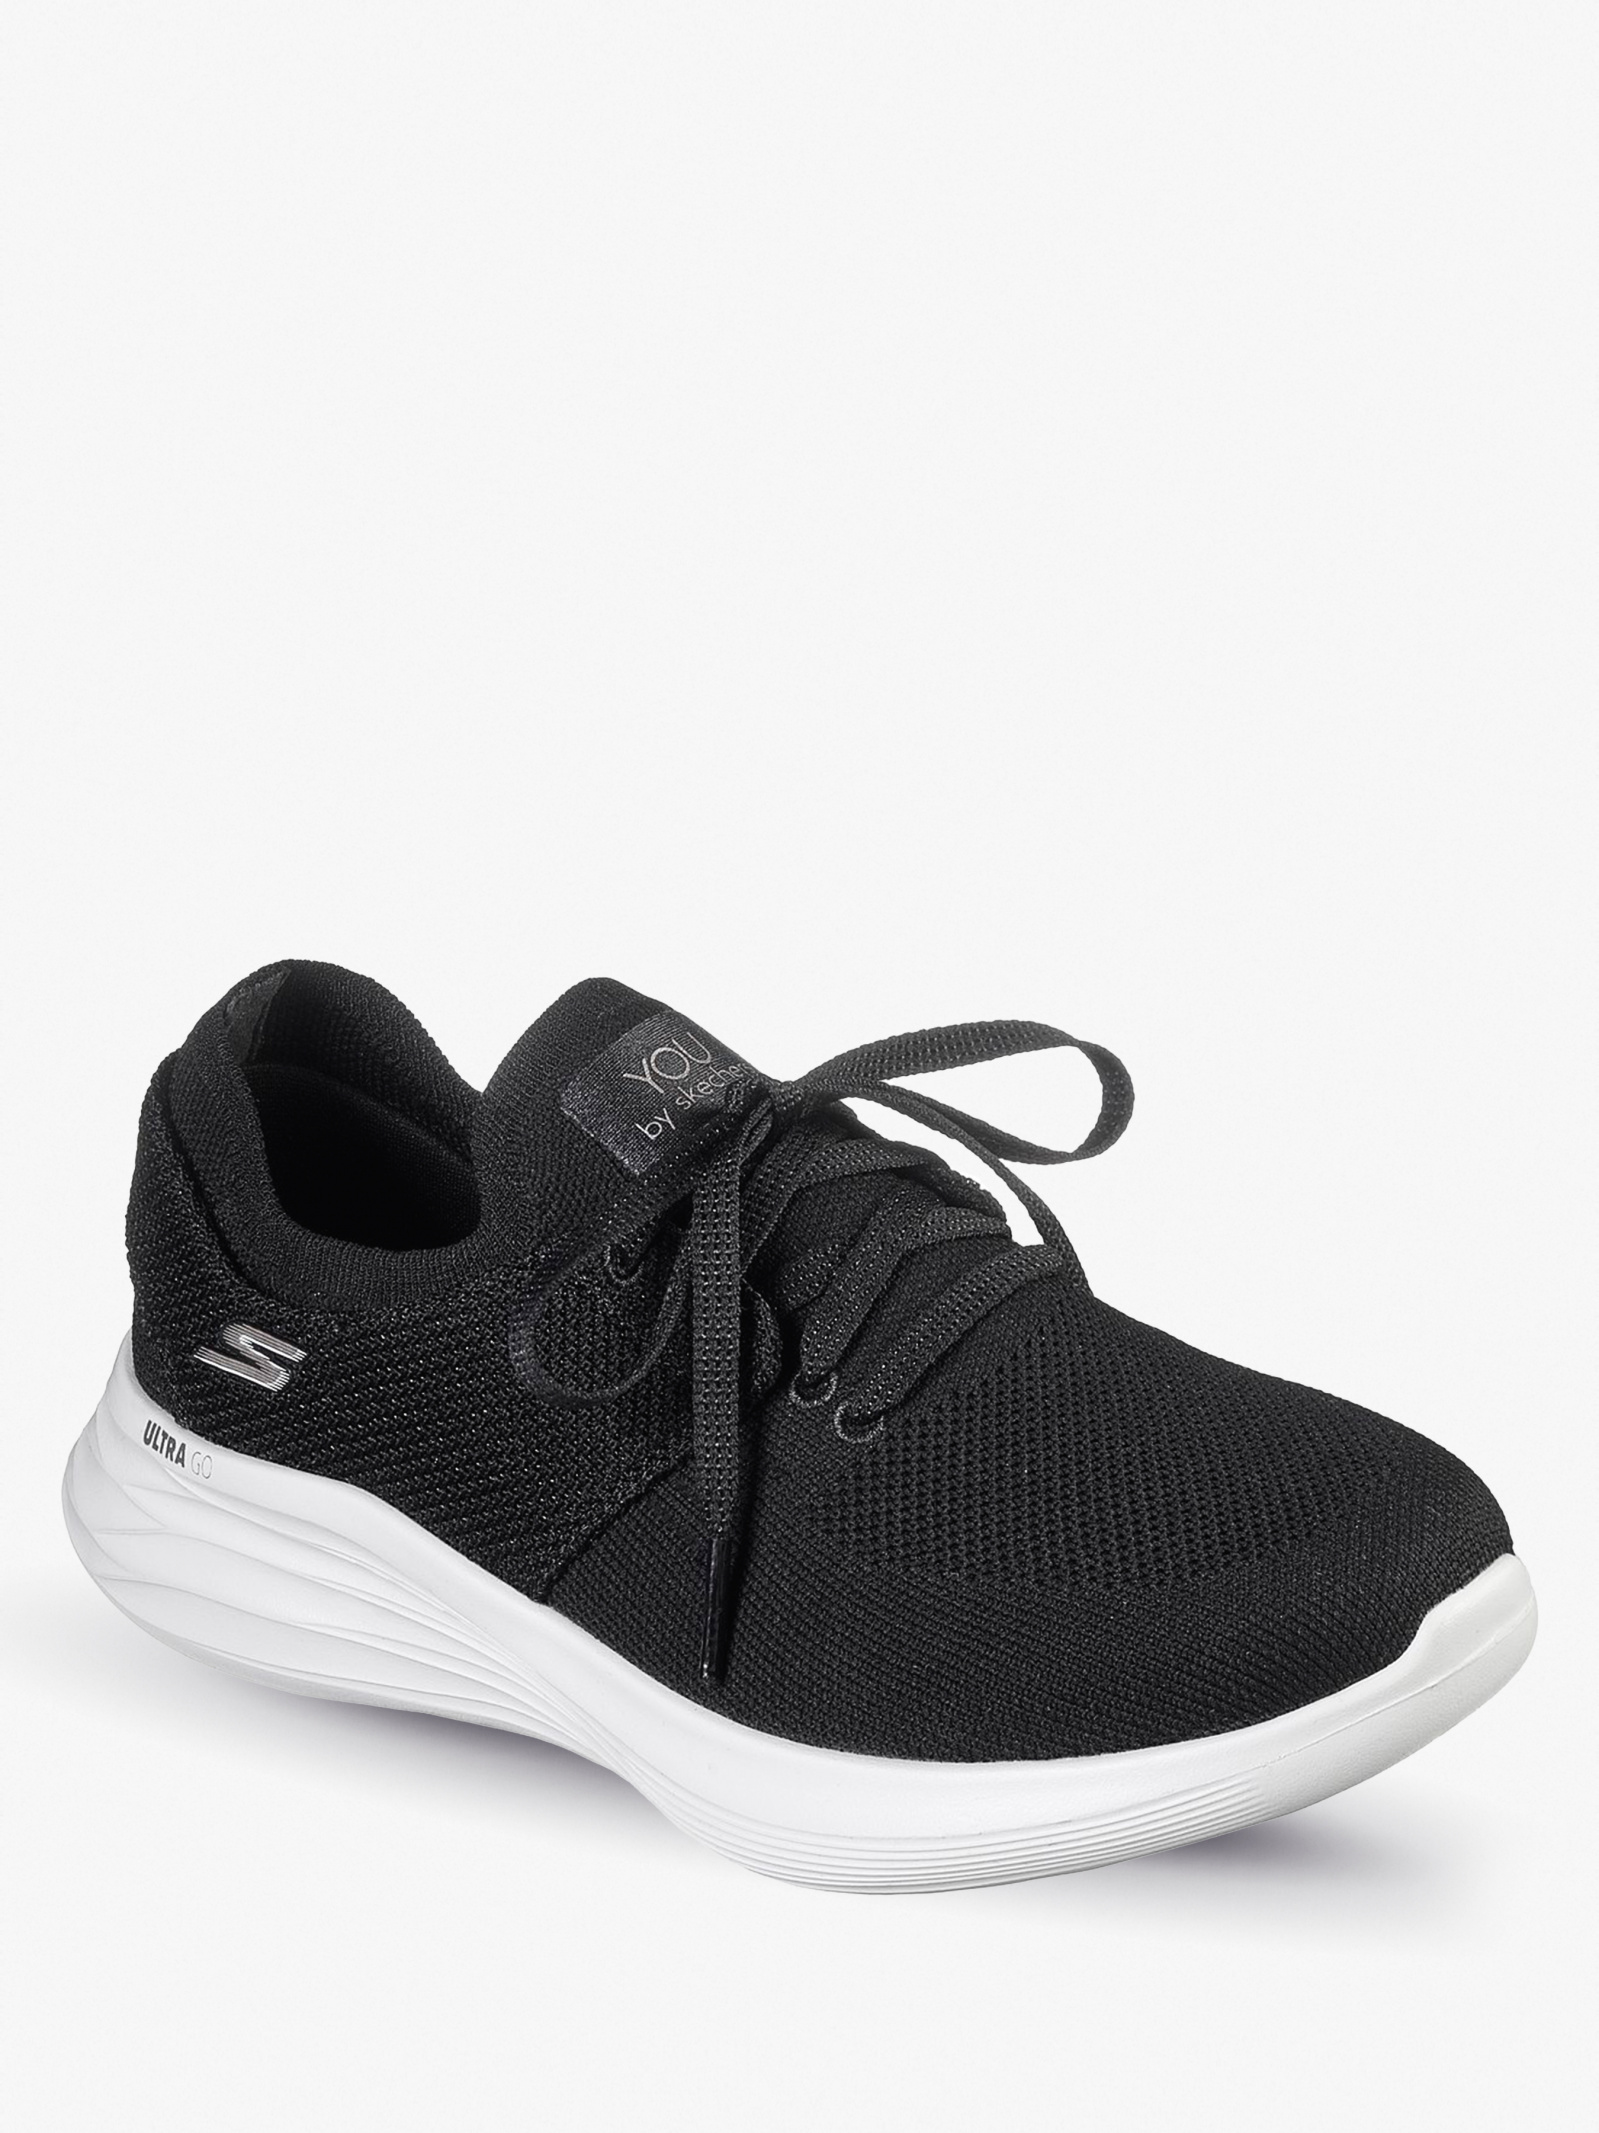 Кроссовки для женщин Skechers YOU 132018 BKW смотреть, 2017